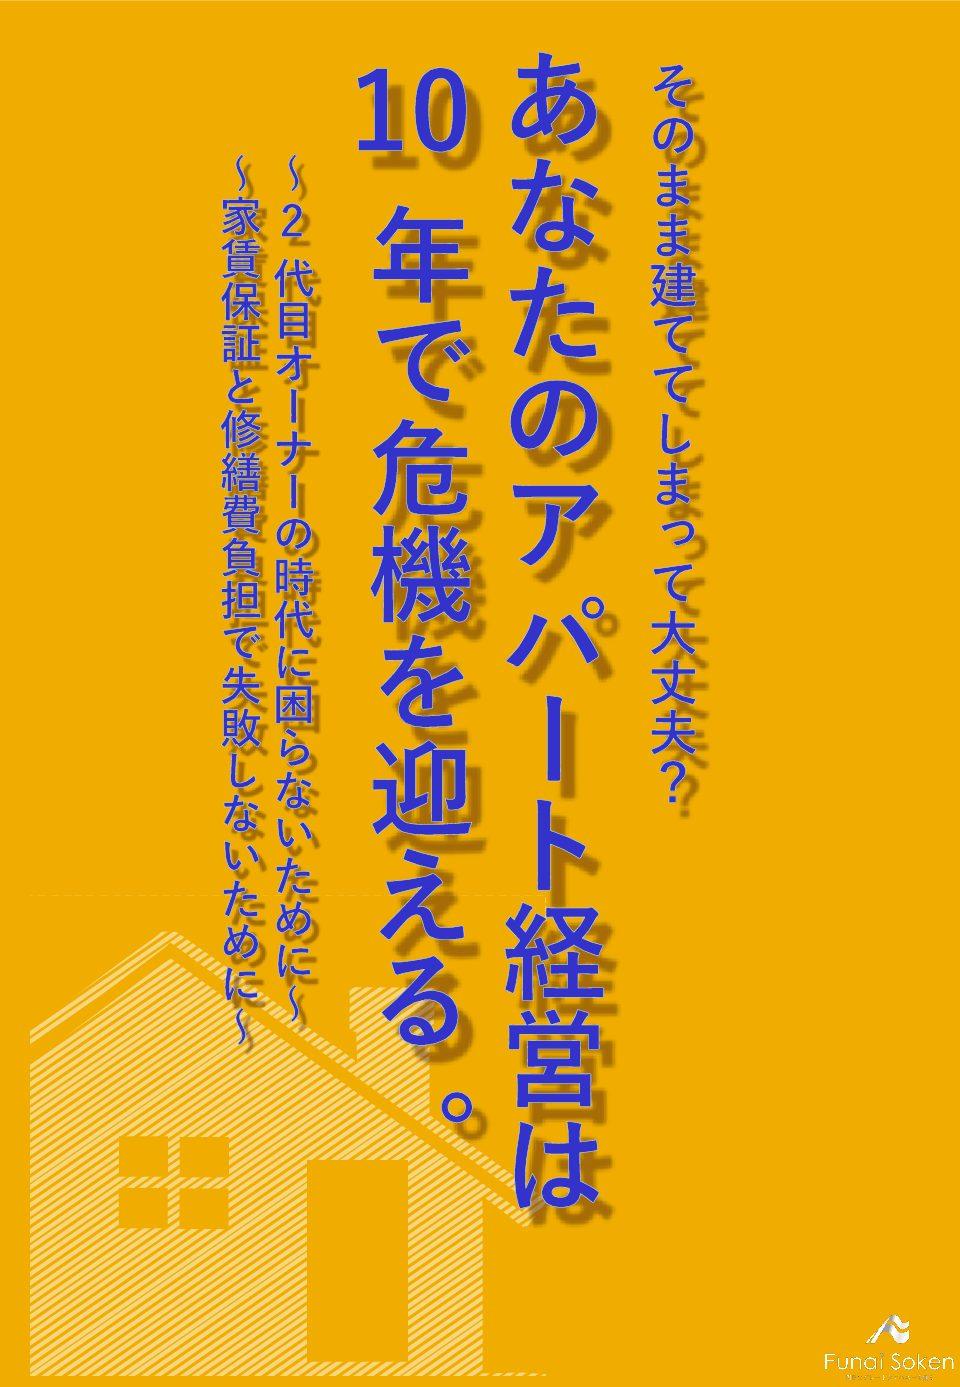 【小冊子】あなたのアパート経営は10年で危機を迎える